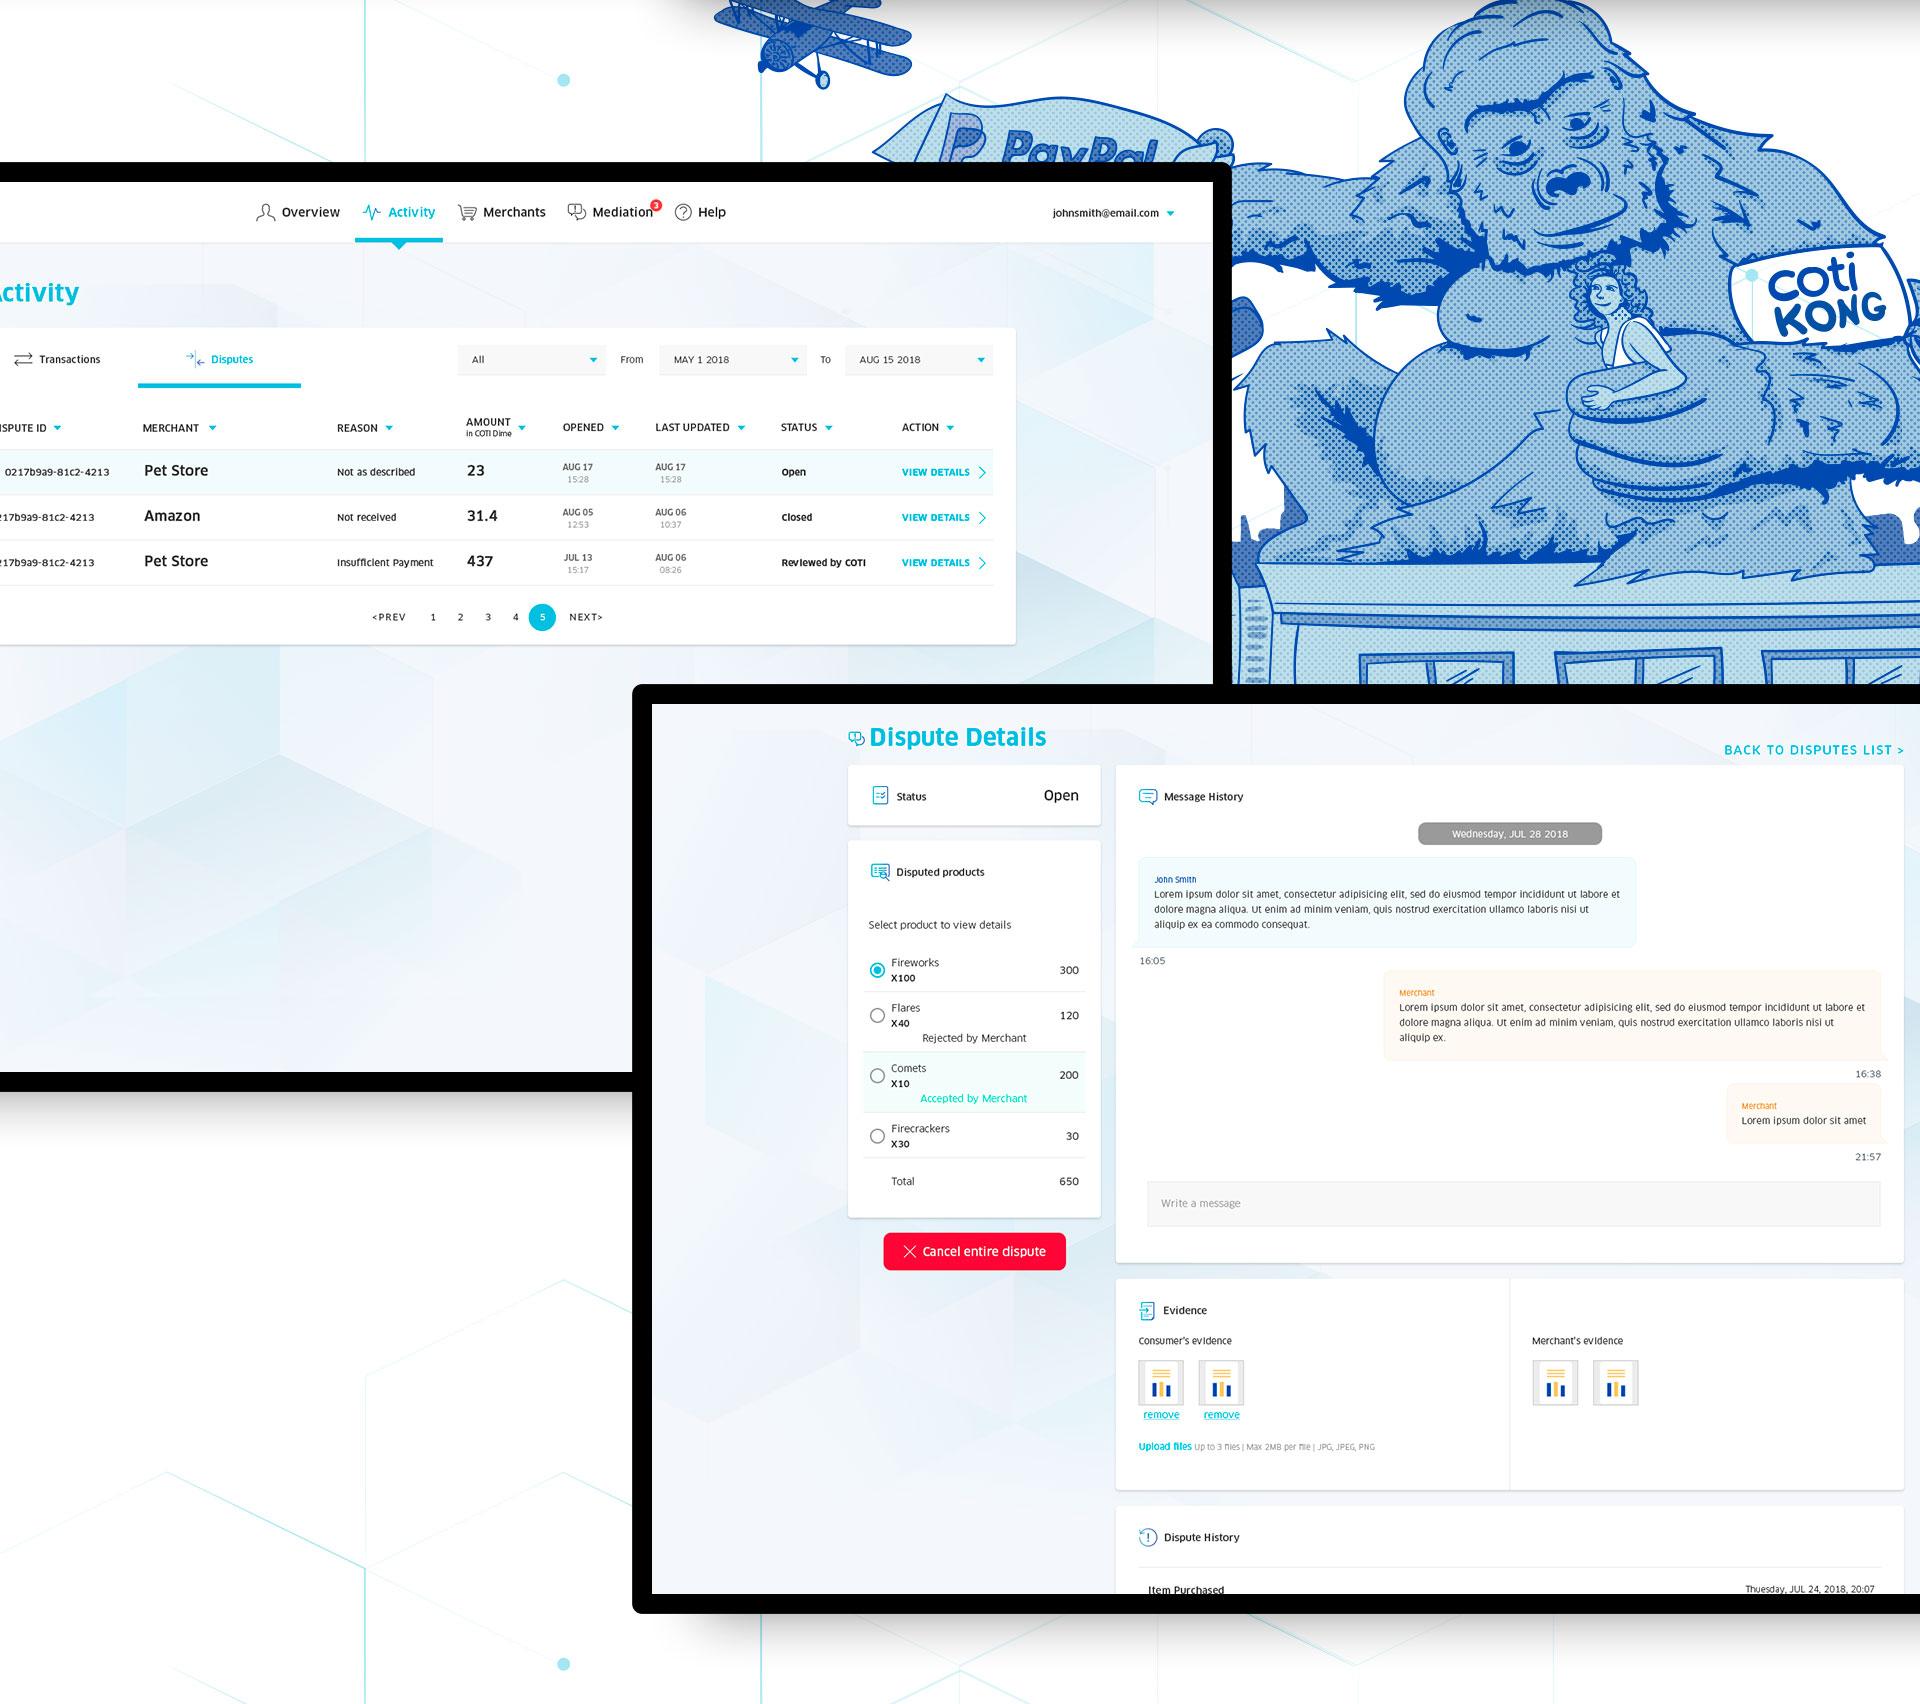 Cotipay - UI & UX for digital crypto currency payment system by COTI תכנון חוויית משתמש ועיצוב ממשק משתמש לארנק דיגיטלי קריפטו 3